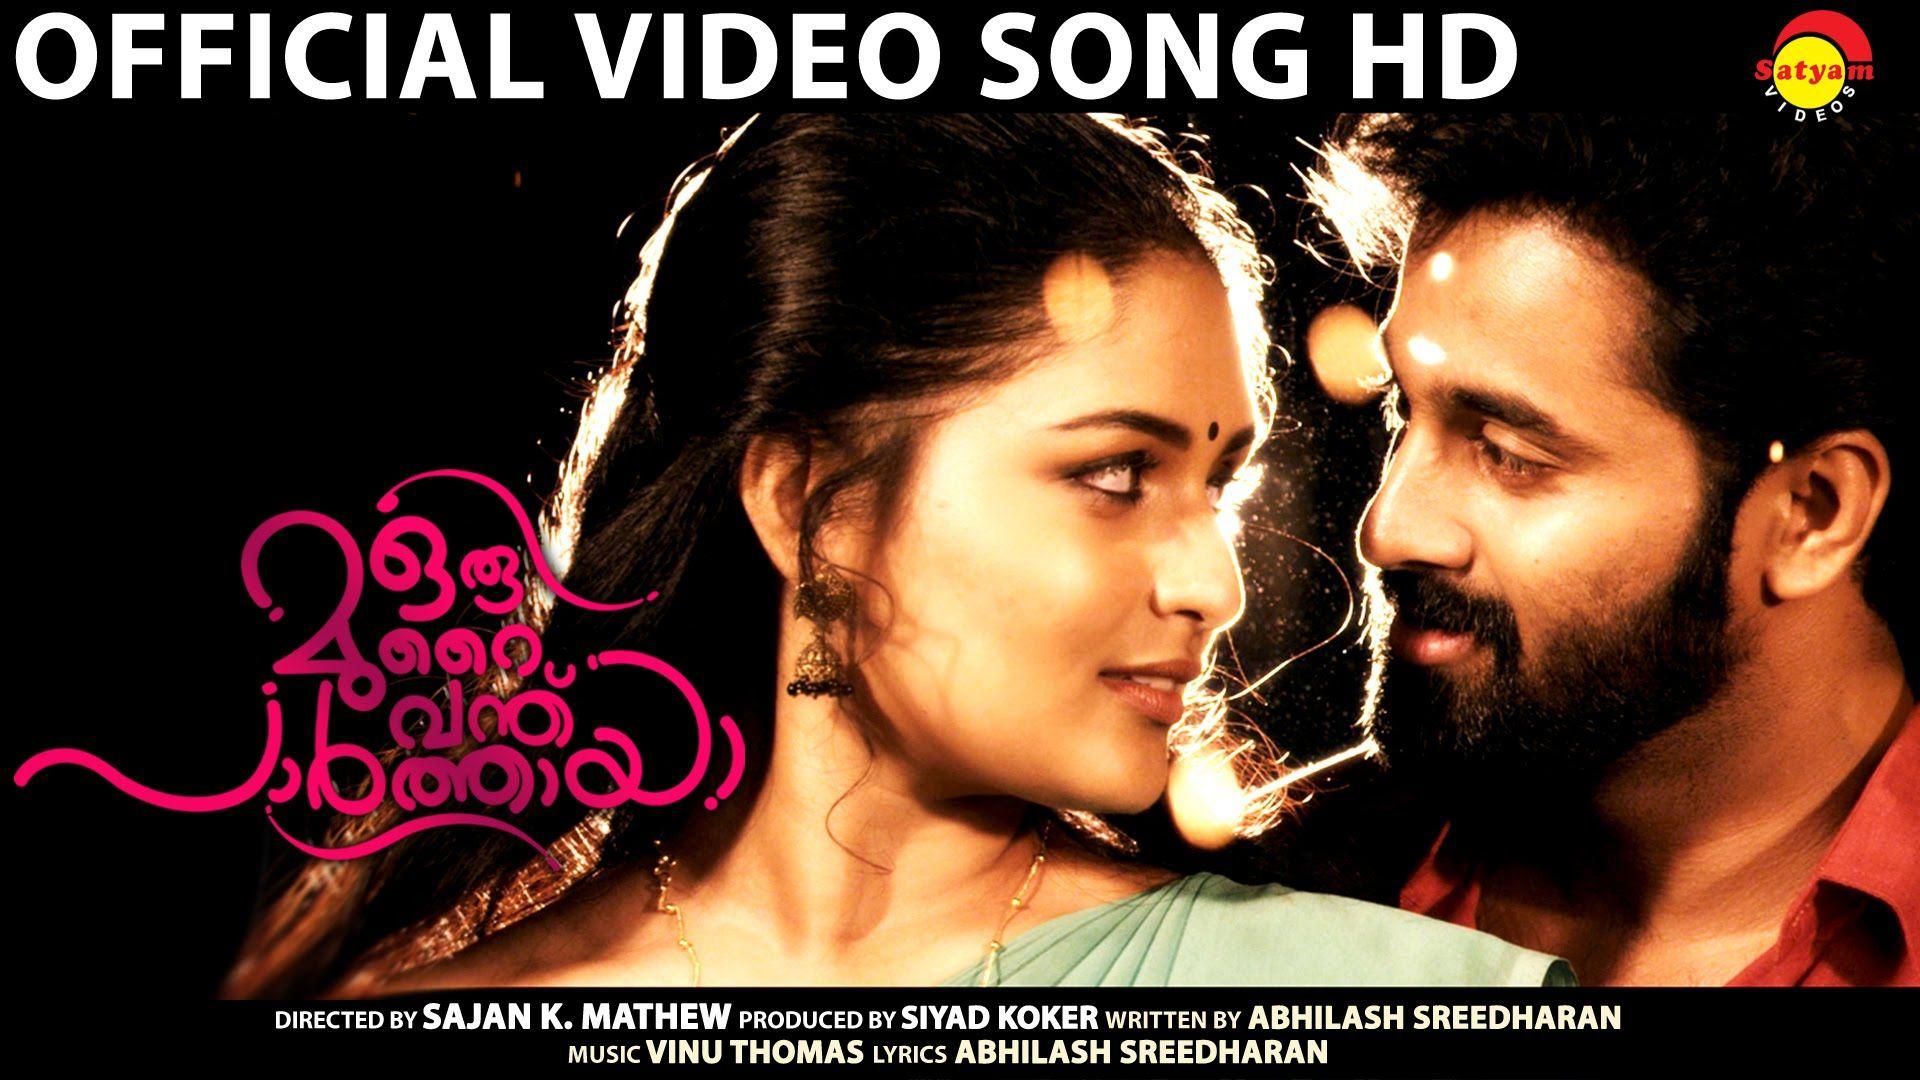 Arikil Pathiye Official Video Song Hd Oru Murai Vanthu Paarthaya Unn Songs Movie Songs News Songs